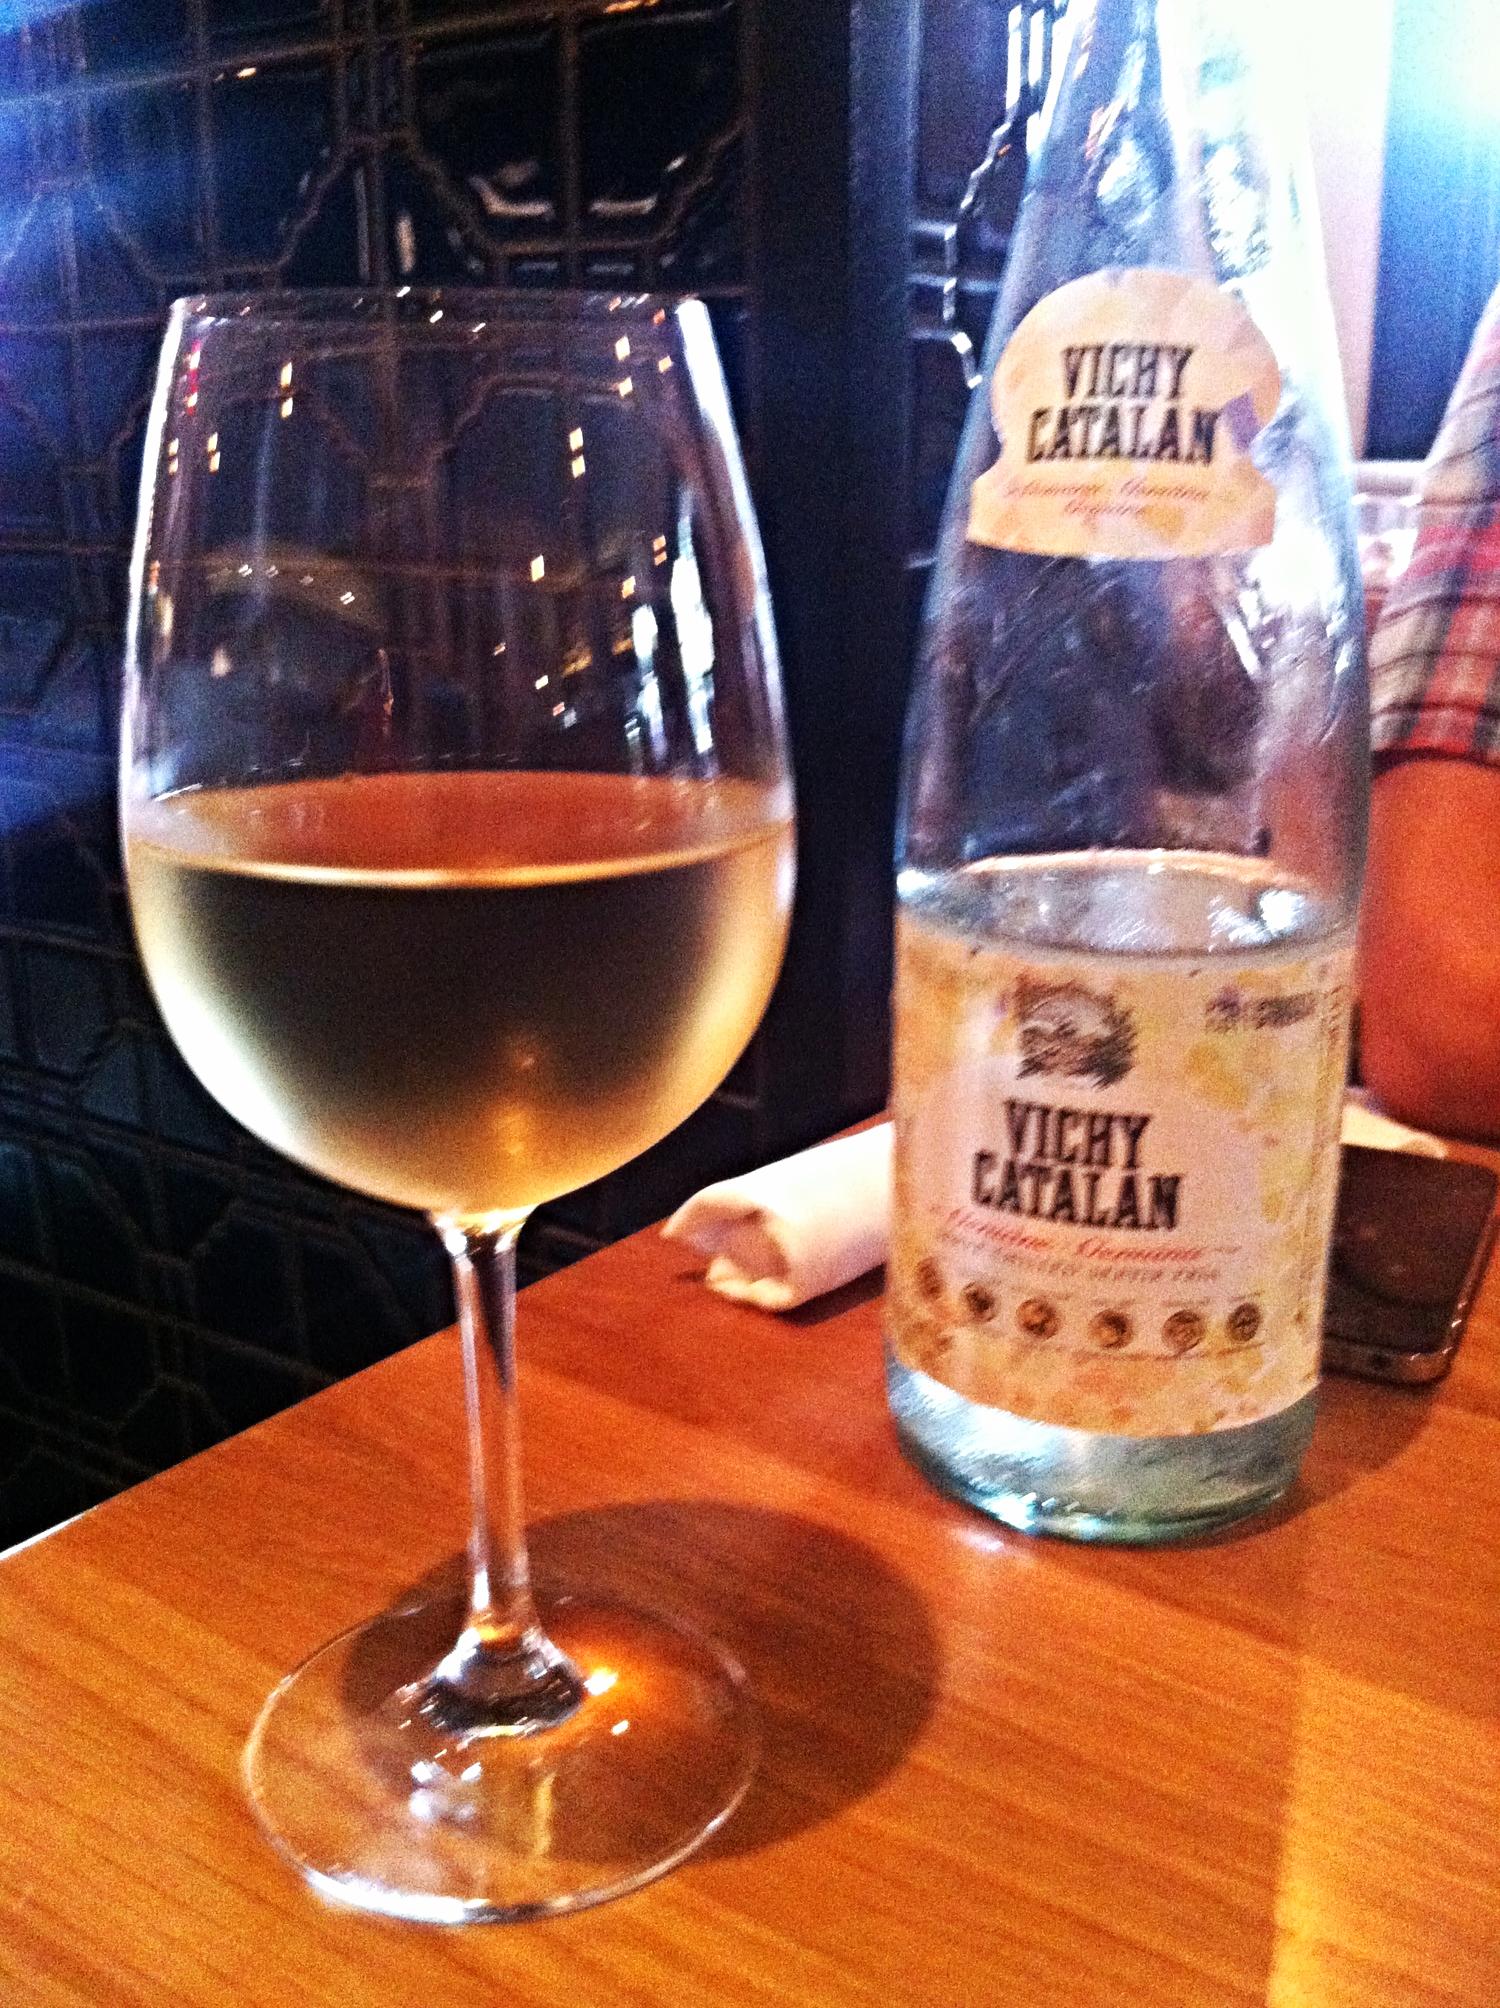 Toda vez que vamos ao restaurante iniciamos os trabalhos pedindo uma  Vichy Catalan . Pra quem gosta de água com gás, é uma pedida incrível! Ela é meio salgadinha e com muito gás. Diferente de todas as águas que você já deve ter tomado.